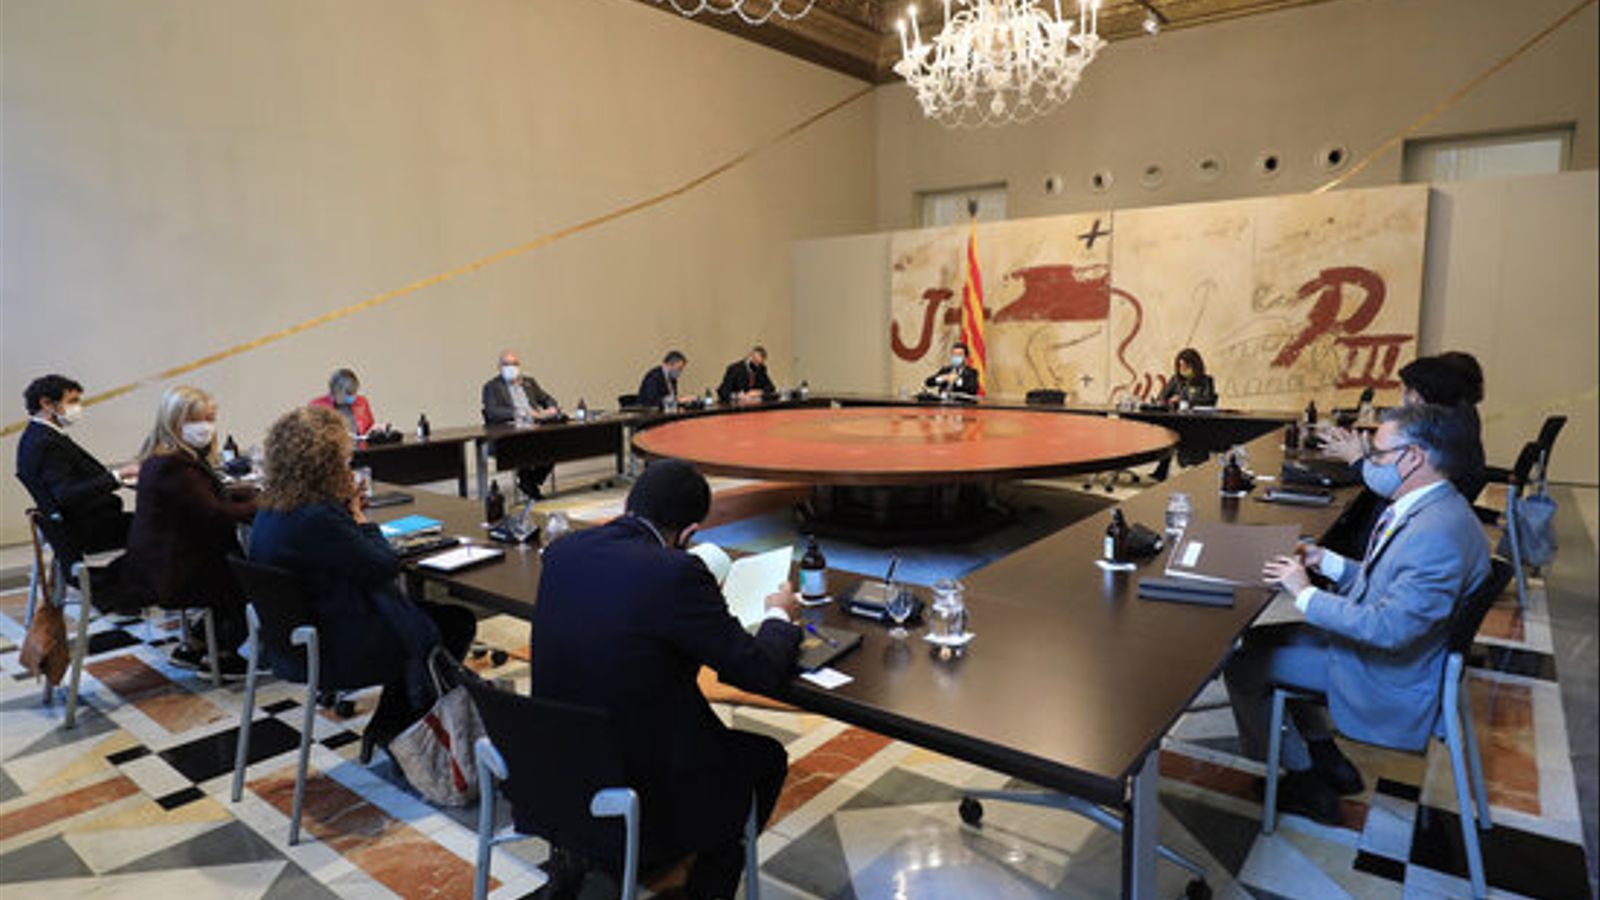 El Consell Executiu reunit de manera extraordinària per analitzar la necessitat d'aplicar l'estat d'alarma